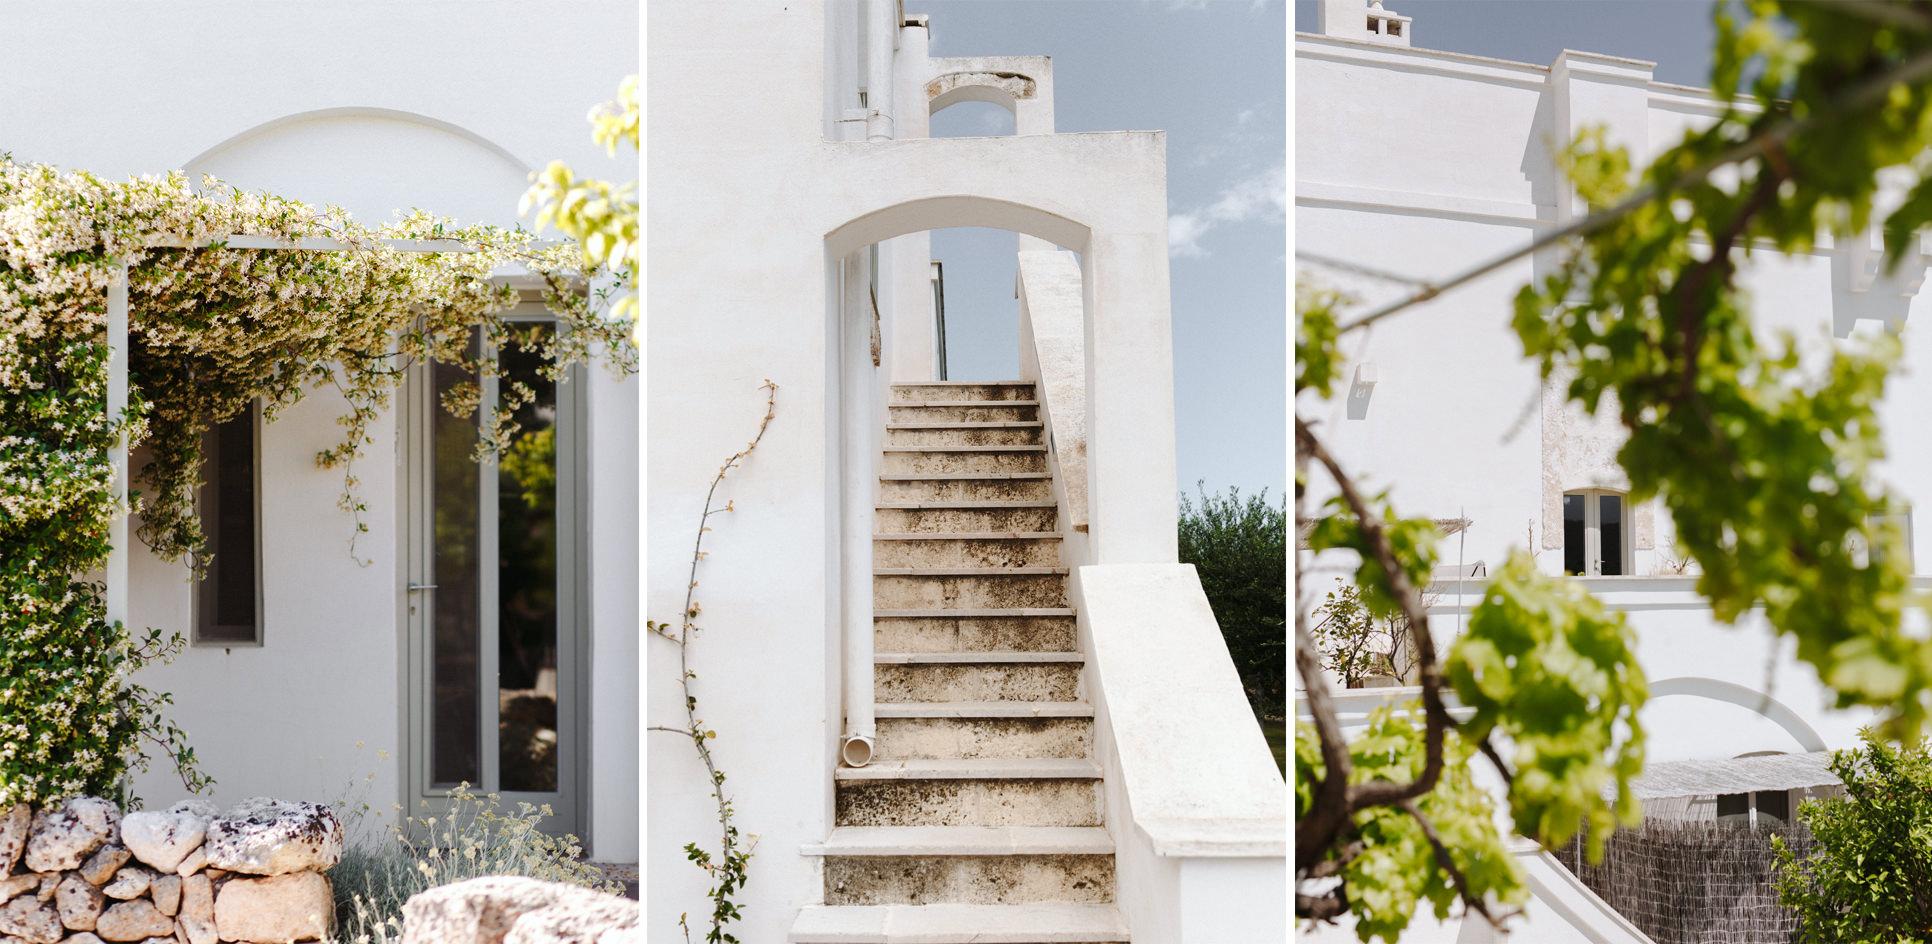 Romantic elopement in Apulia | Apulia elopement | Apulia wedding Masseria Alchimia - Fasano Camilla Anchisi Photography